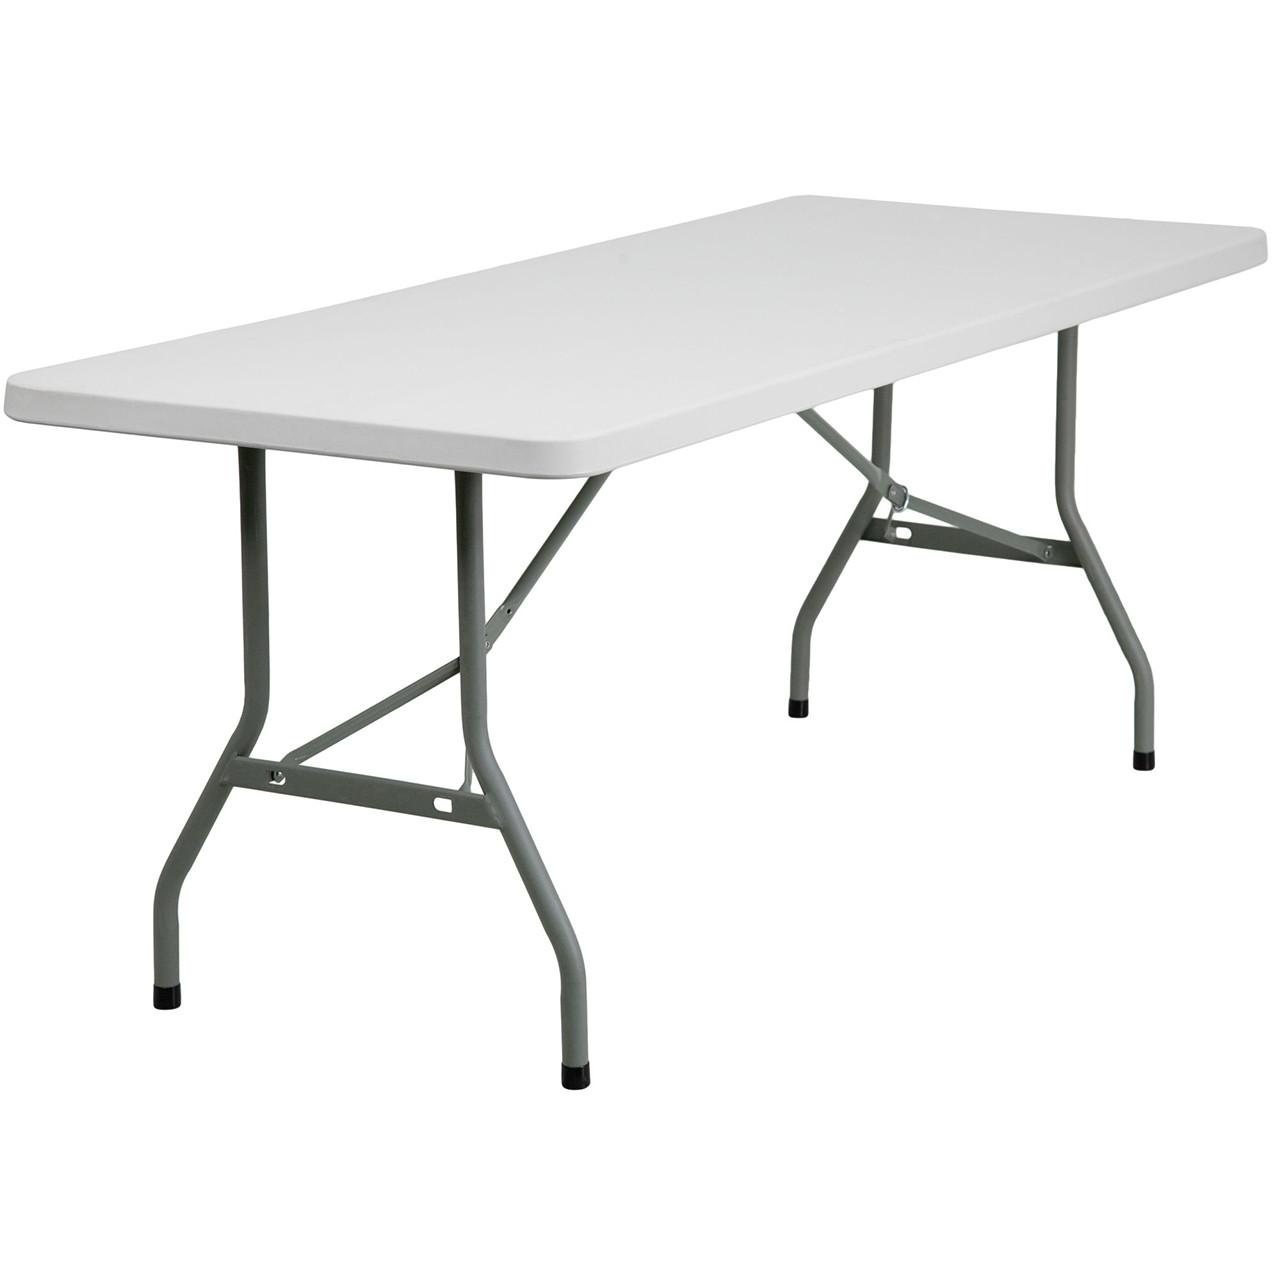 - 6' Plastic Folding Table 6 Ft. Folding Tables Plastic Folding